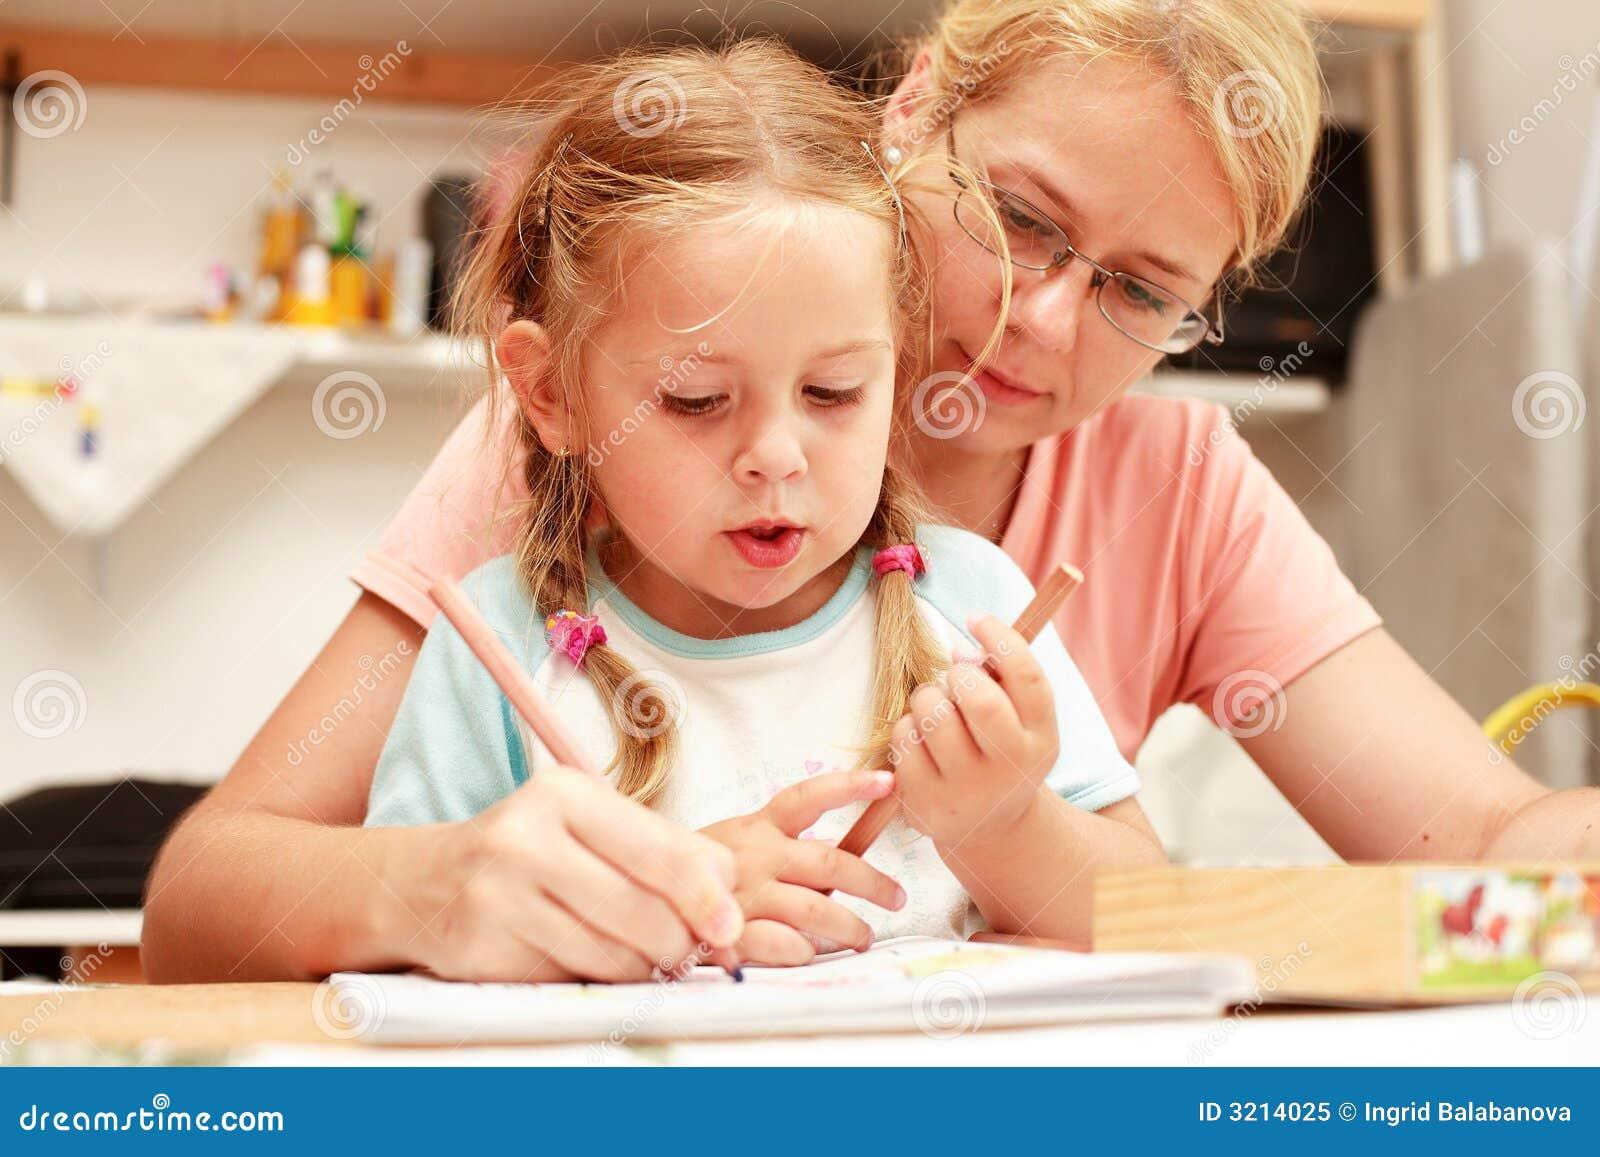 儿童一起母亲绘画. 儿童母亲绘画 免版税库存照片 32